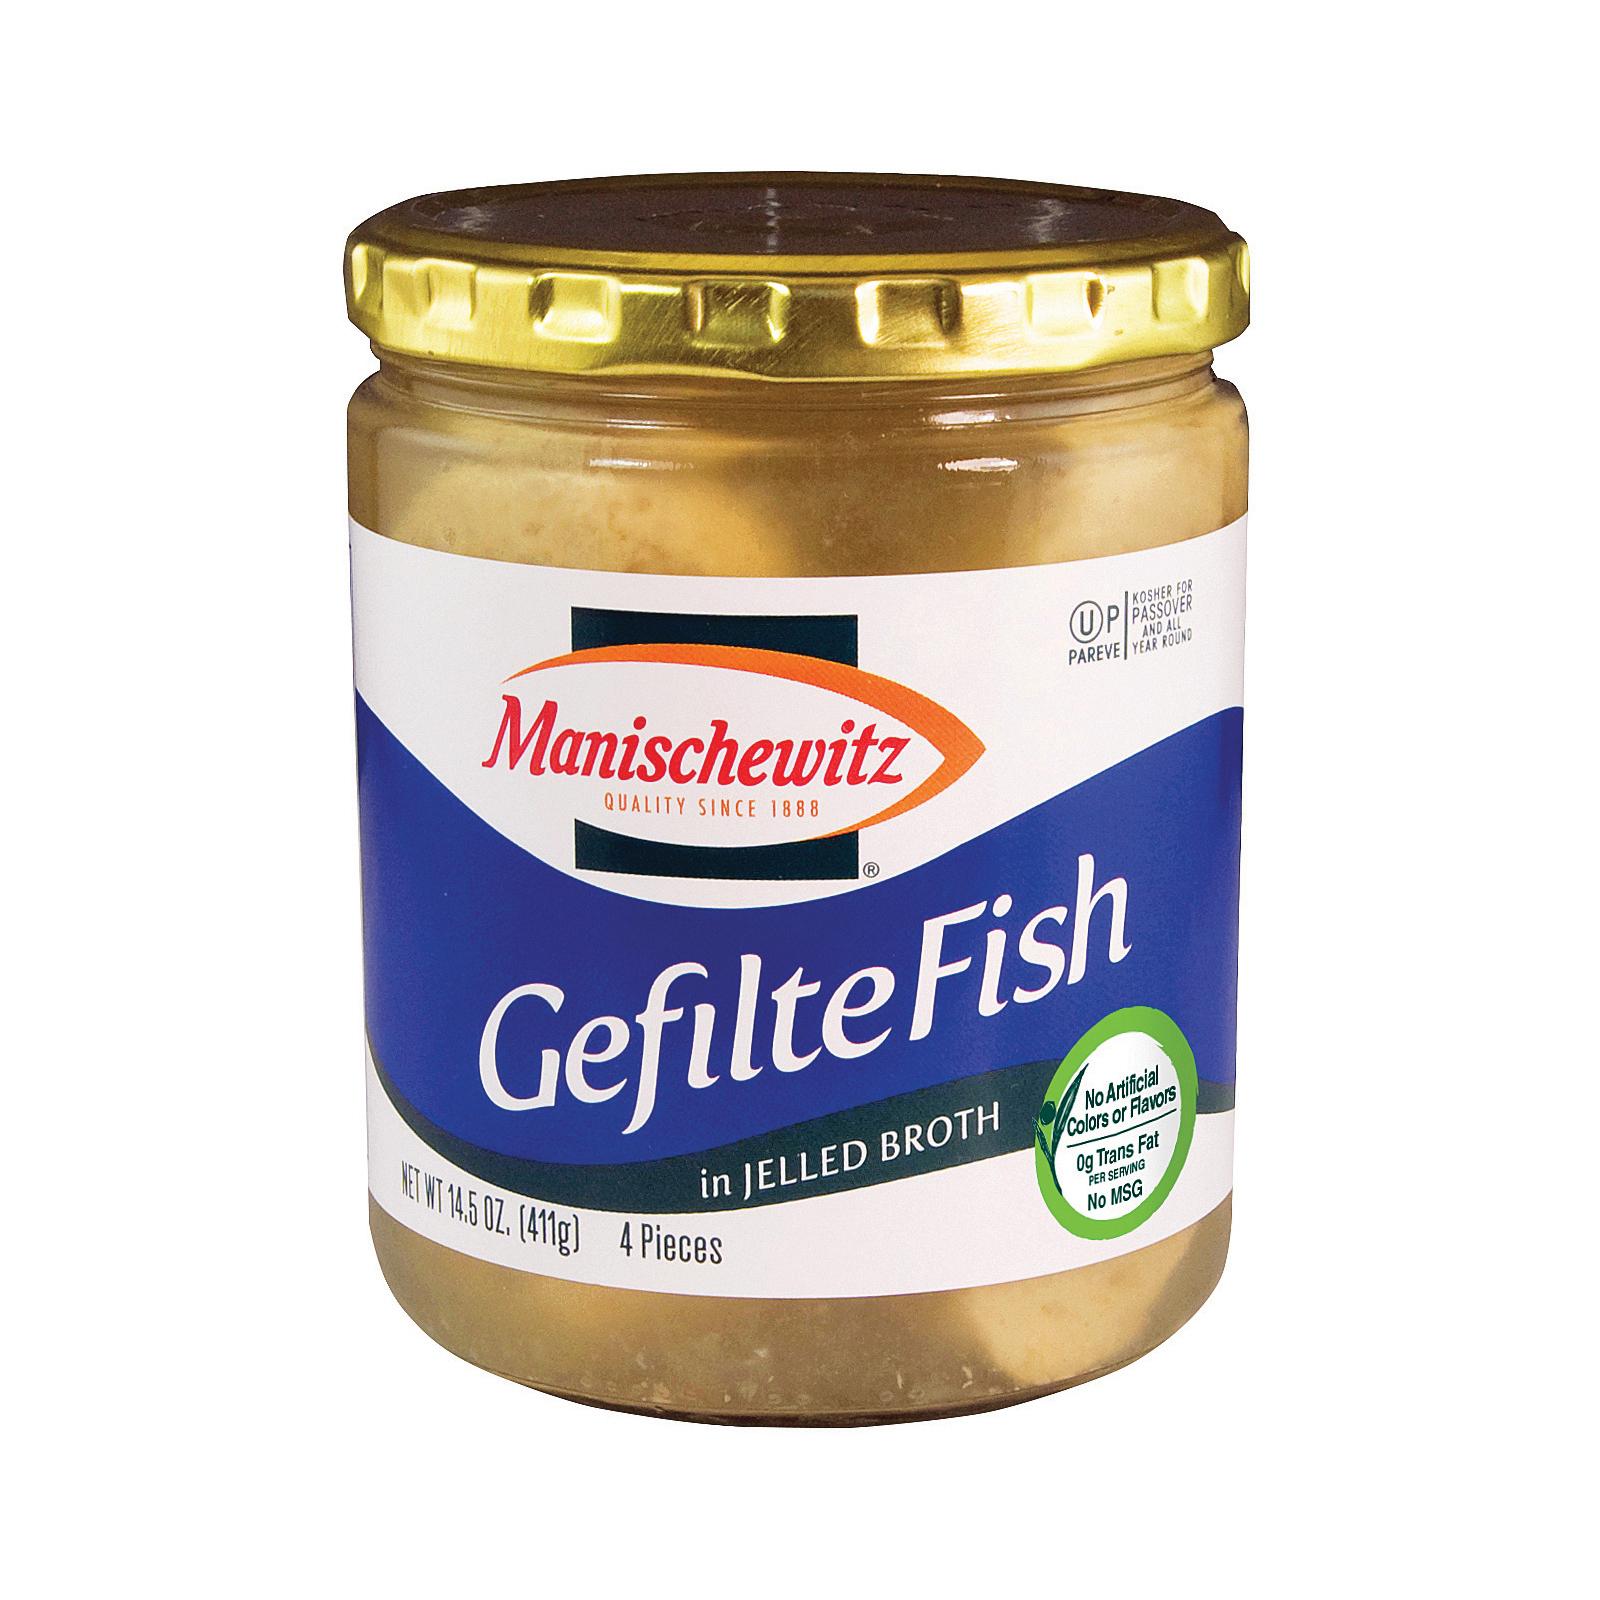 Manischewitz Gefilte Fish in Jelled Broth - Case of 1 - 14.5 oz.